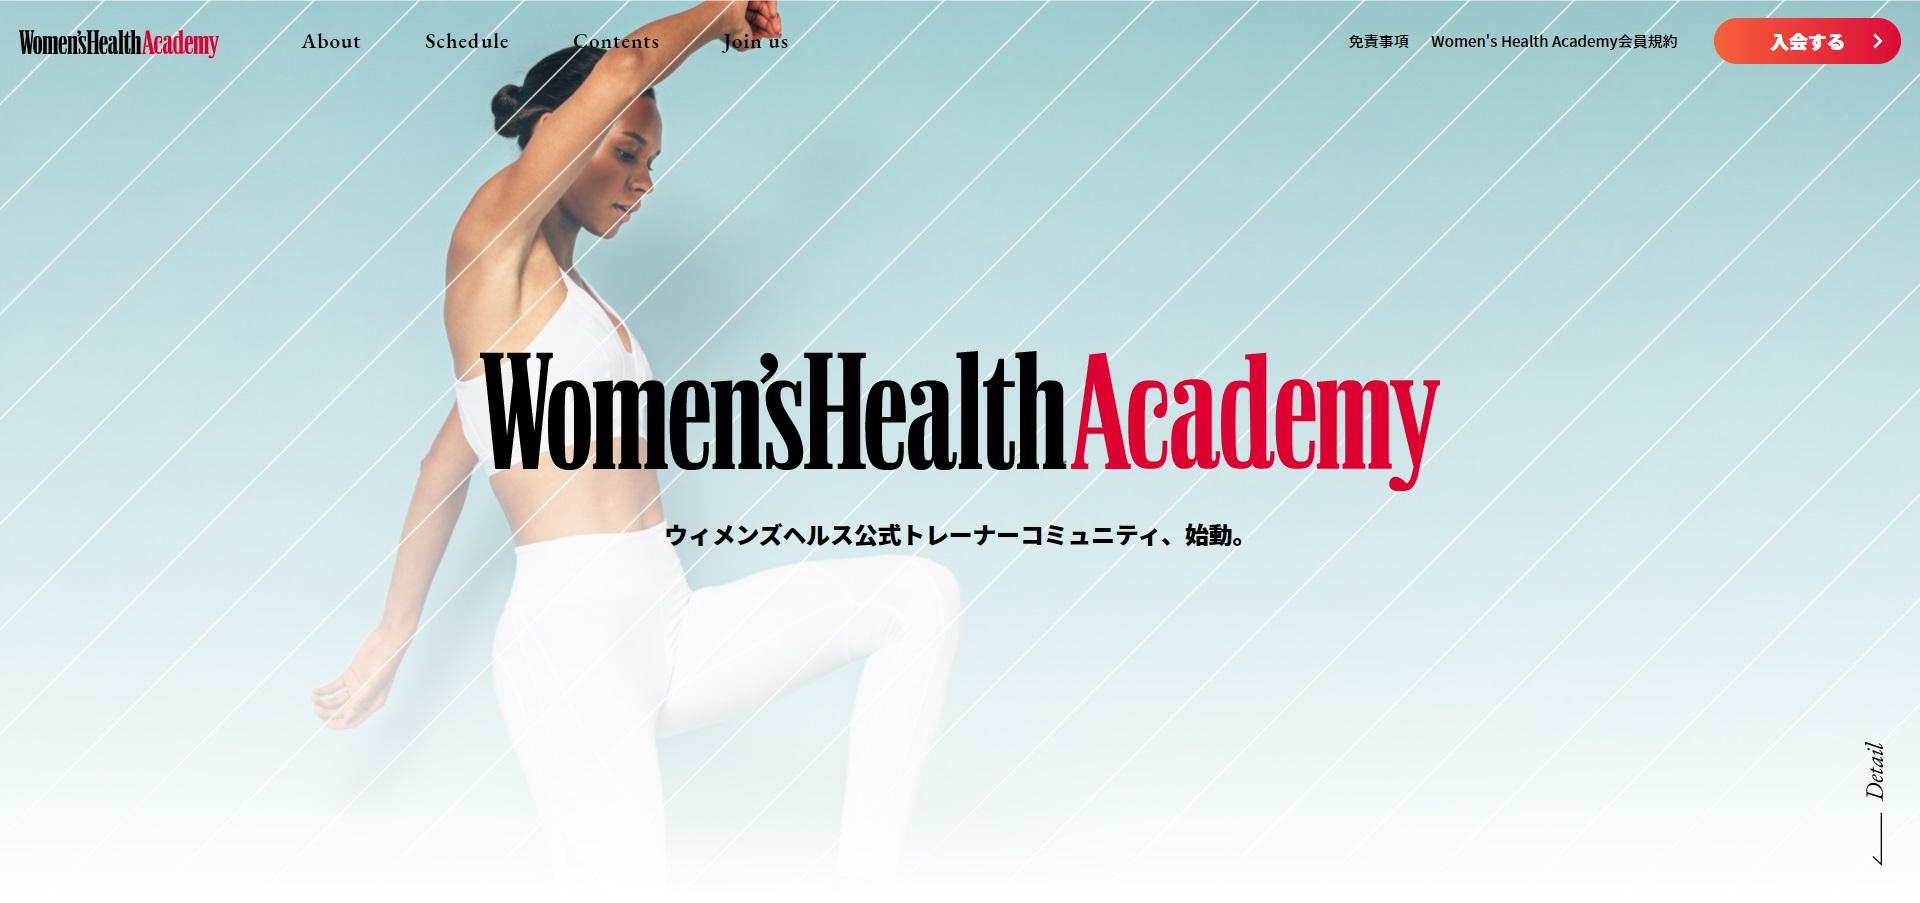 運動指導者に向けたコミュニティ「ウィメンズヘルスアカデミー 」が会員を募集